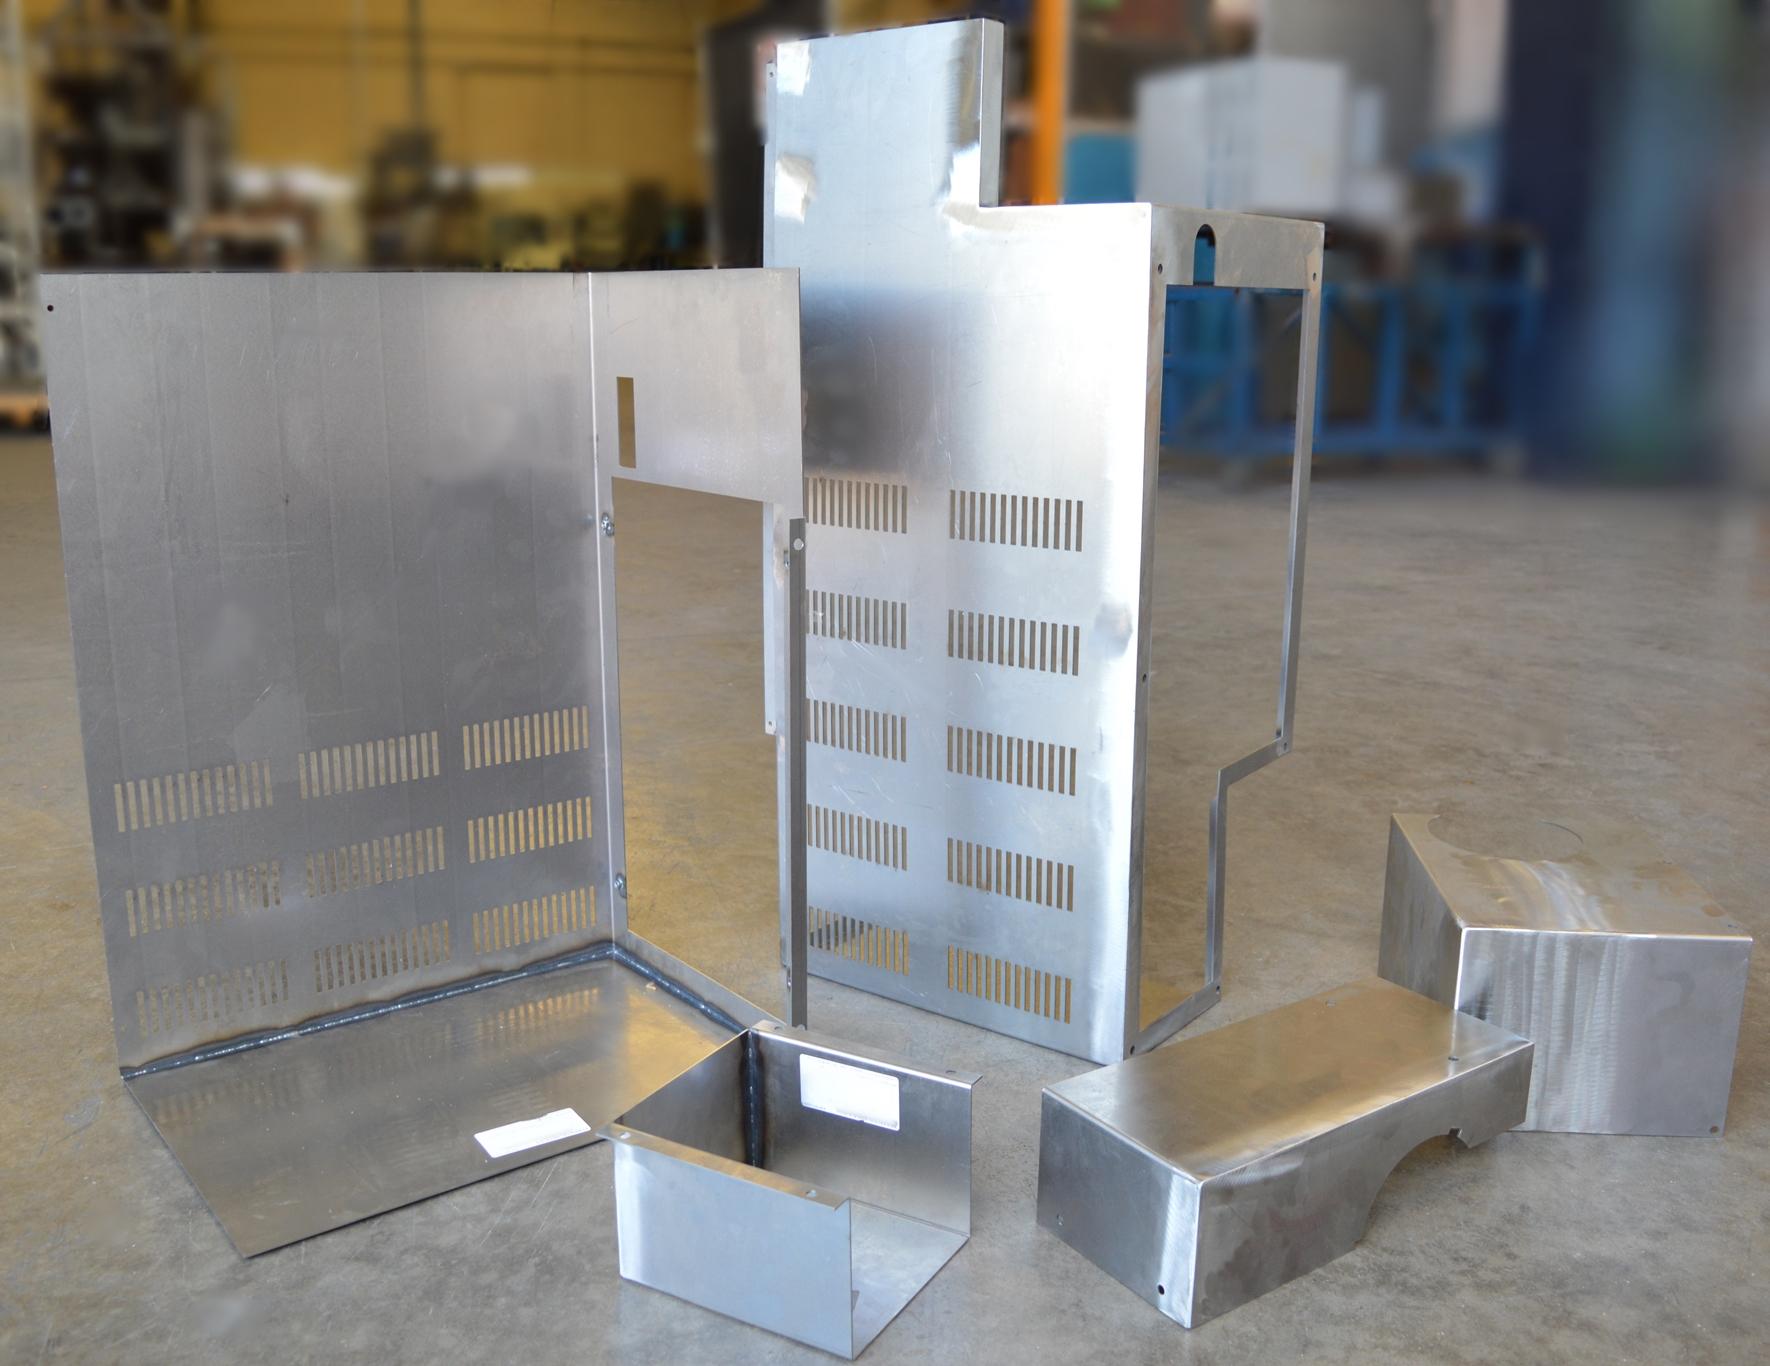 Fabricación por soldadura de chapa plegada acero a TIG